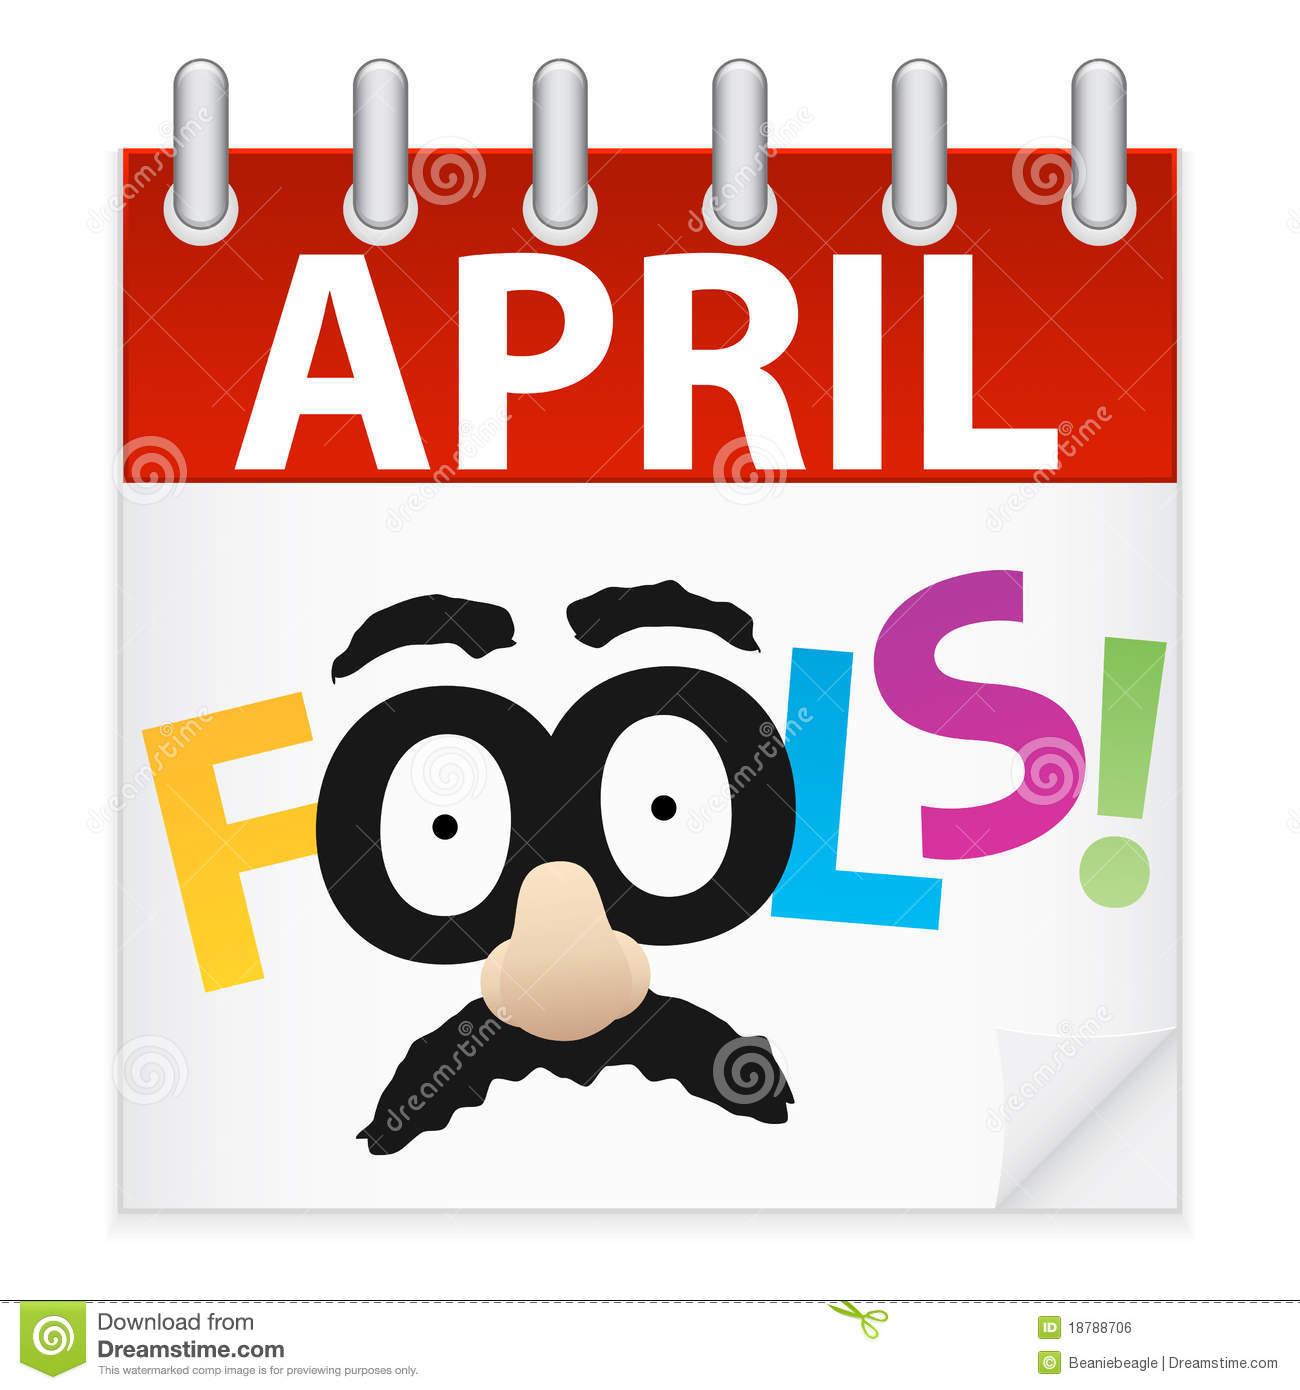 April fools day clip art image transparent fool clipart april fools day clip art free #2   120 Fool Clipart ... image transparent